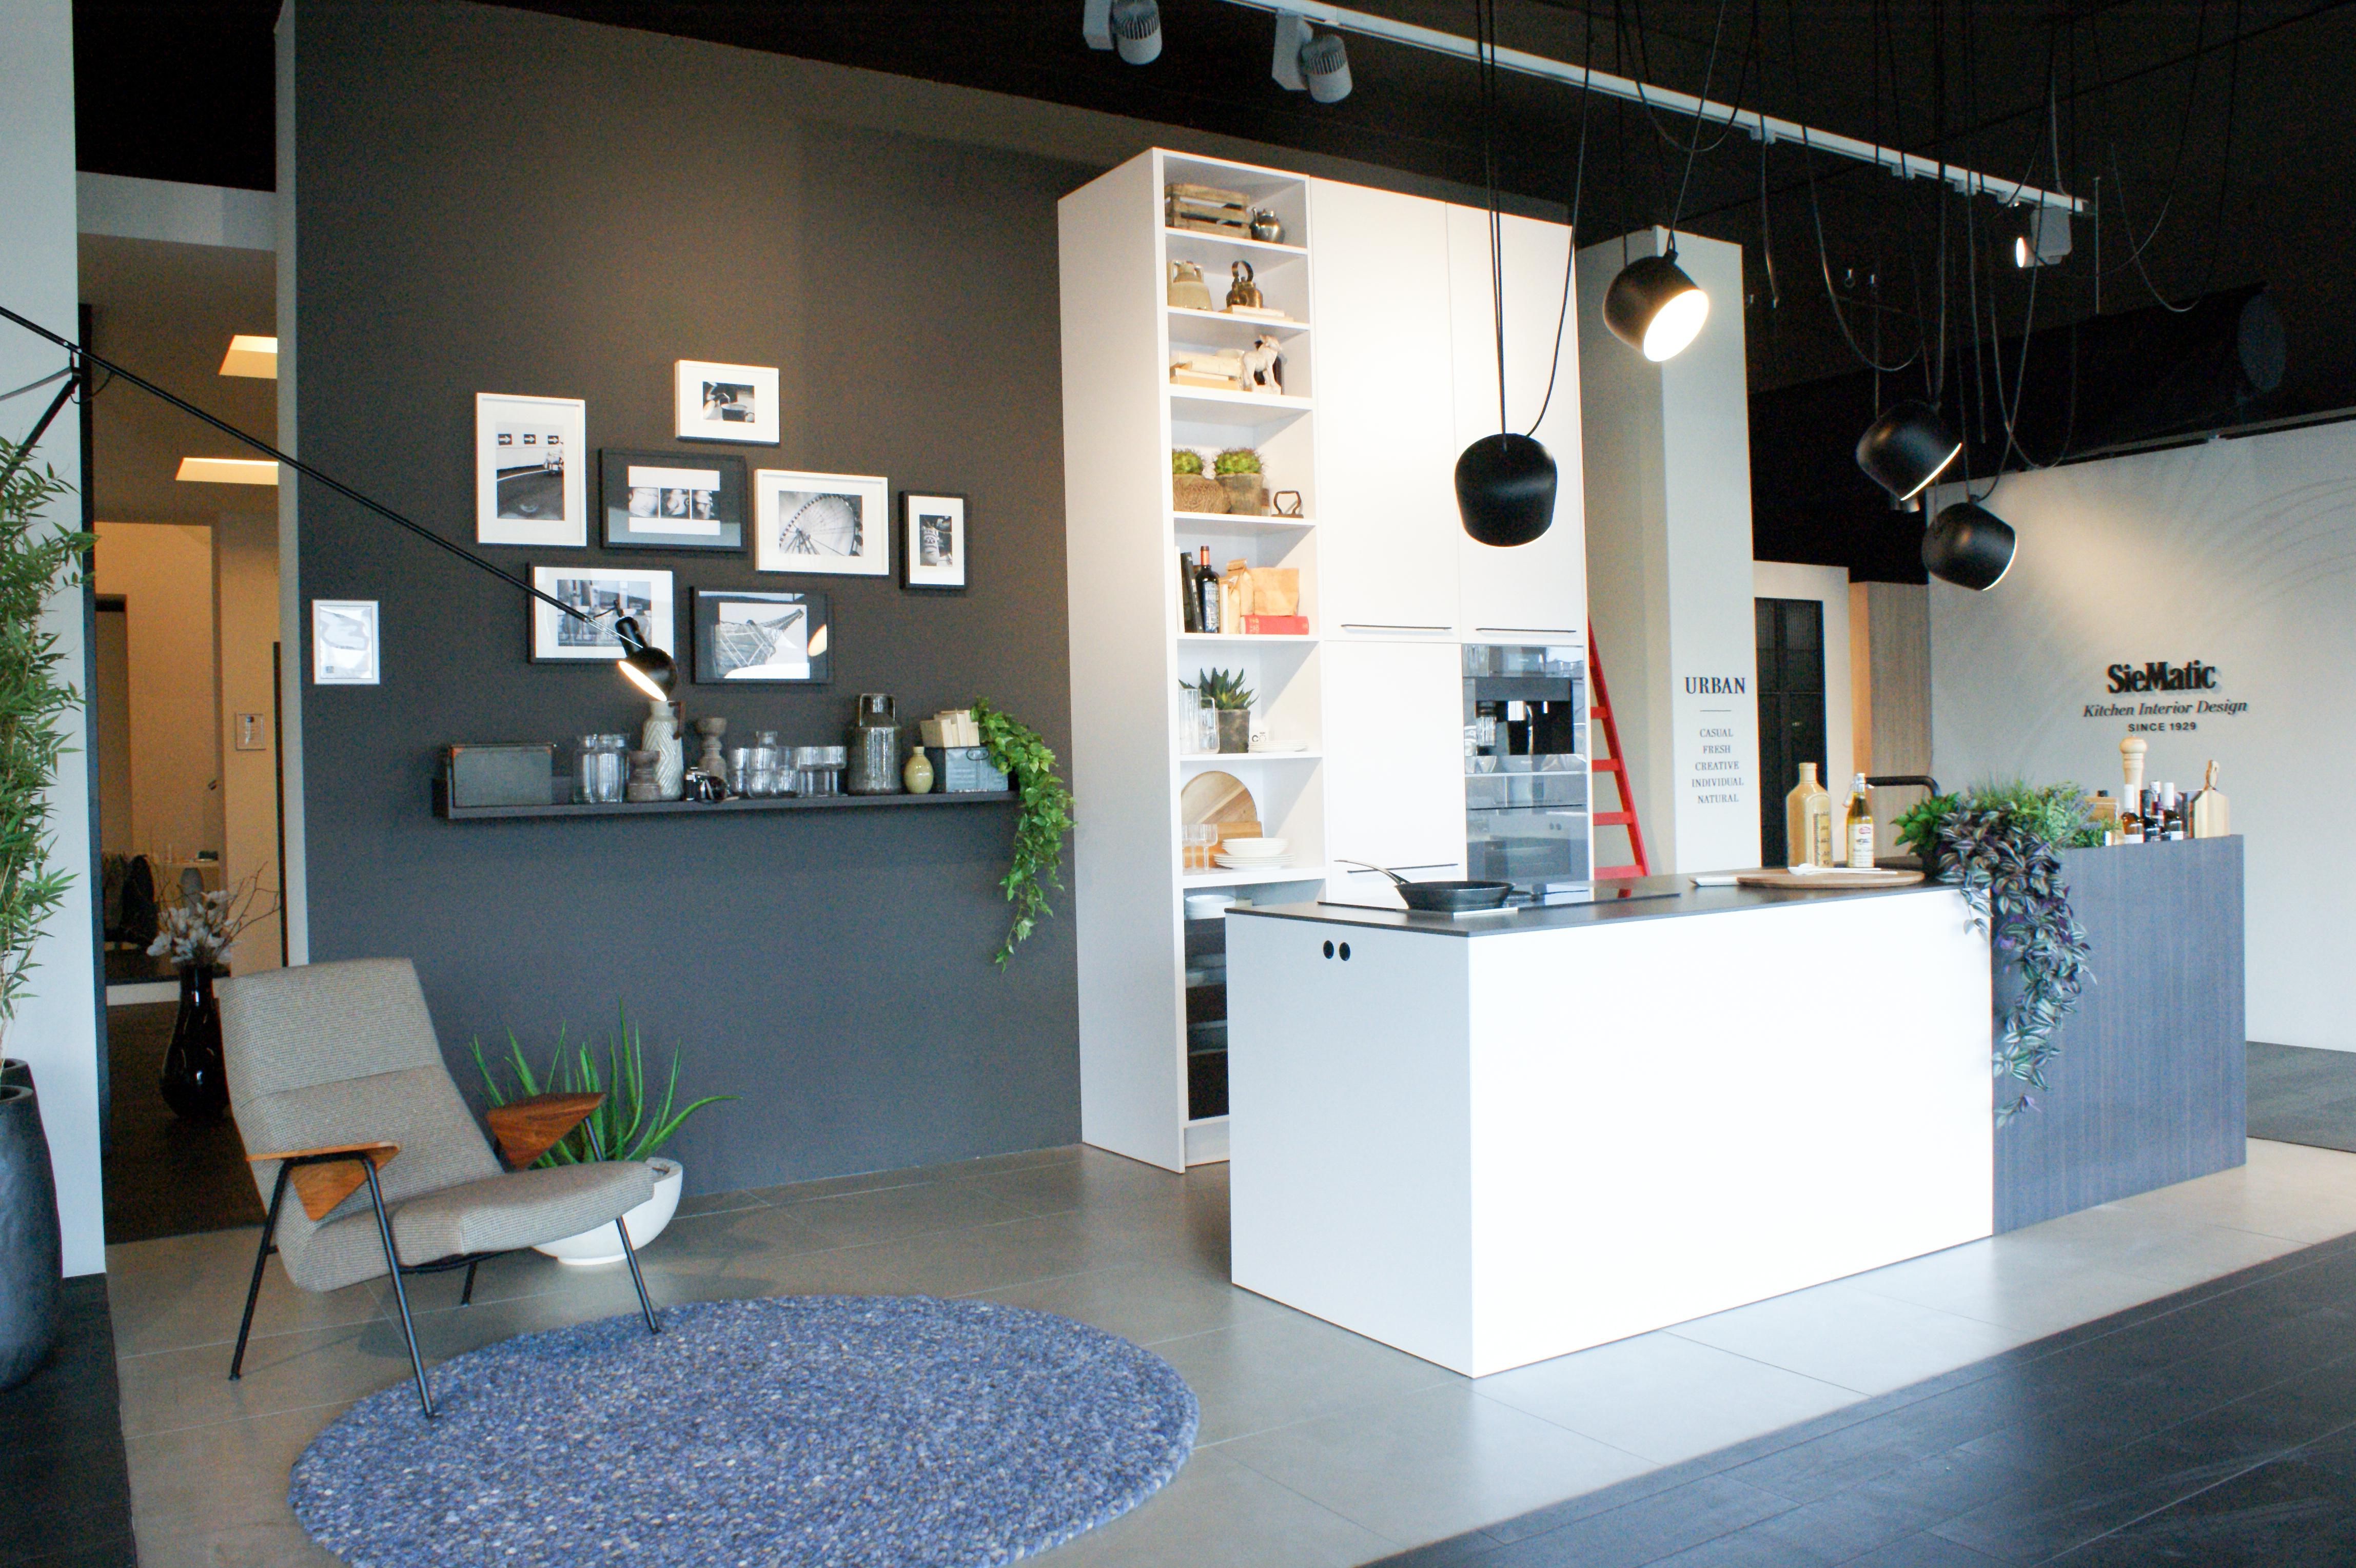 Aswa Keukens Dordrecht In Dordrecht Uw Keuken Nl